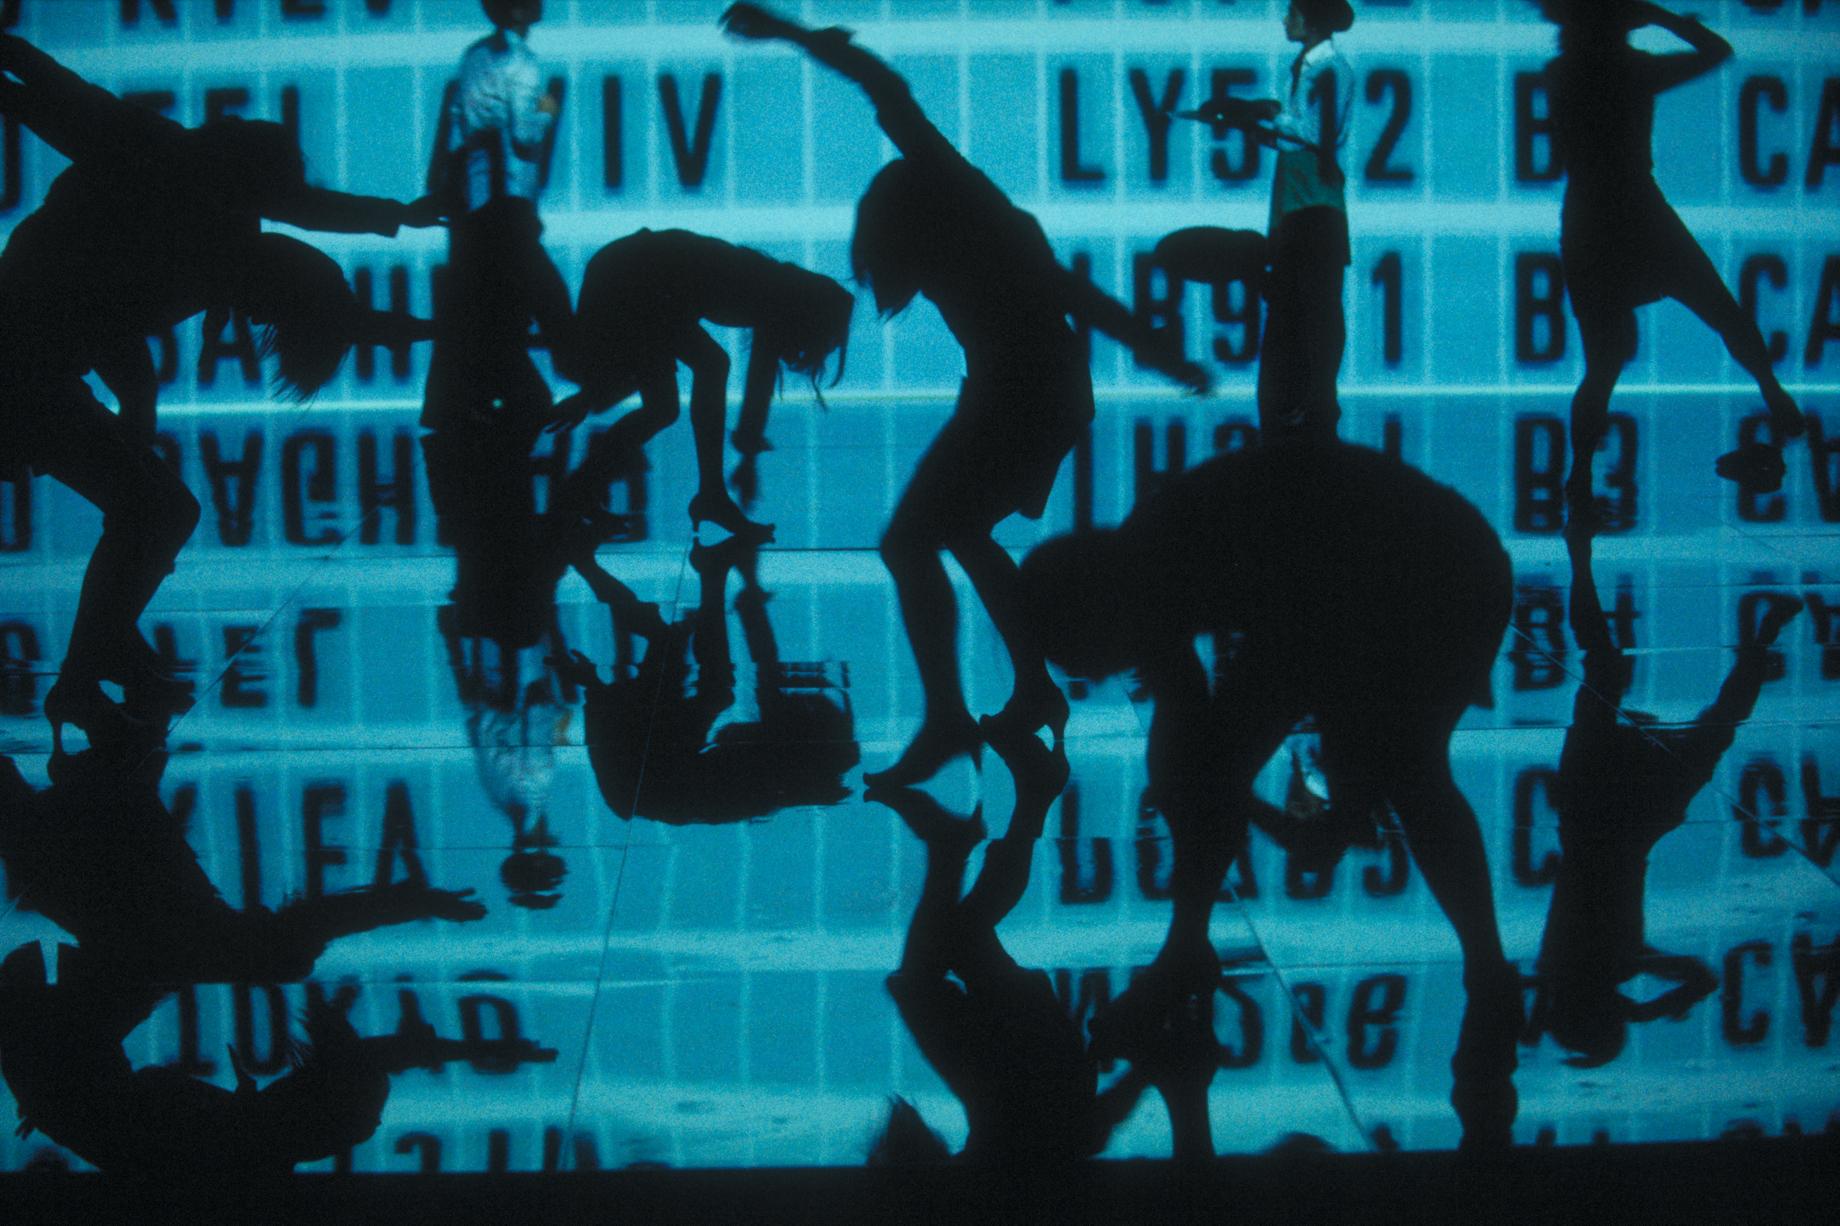 KYOTO STEAM-世界文化交流祭-2020 ダムタイプ 新作パフォーマンス パフォーマー募集